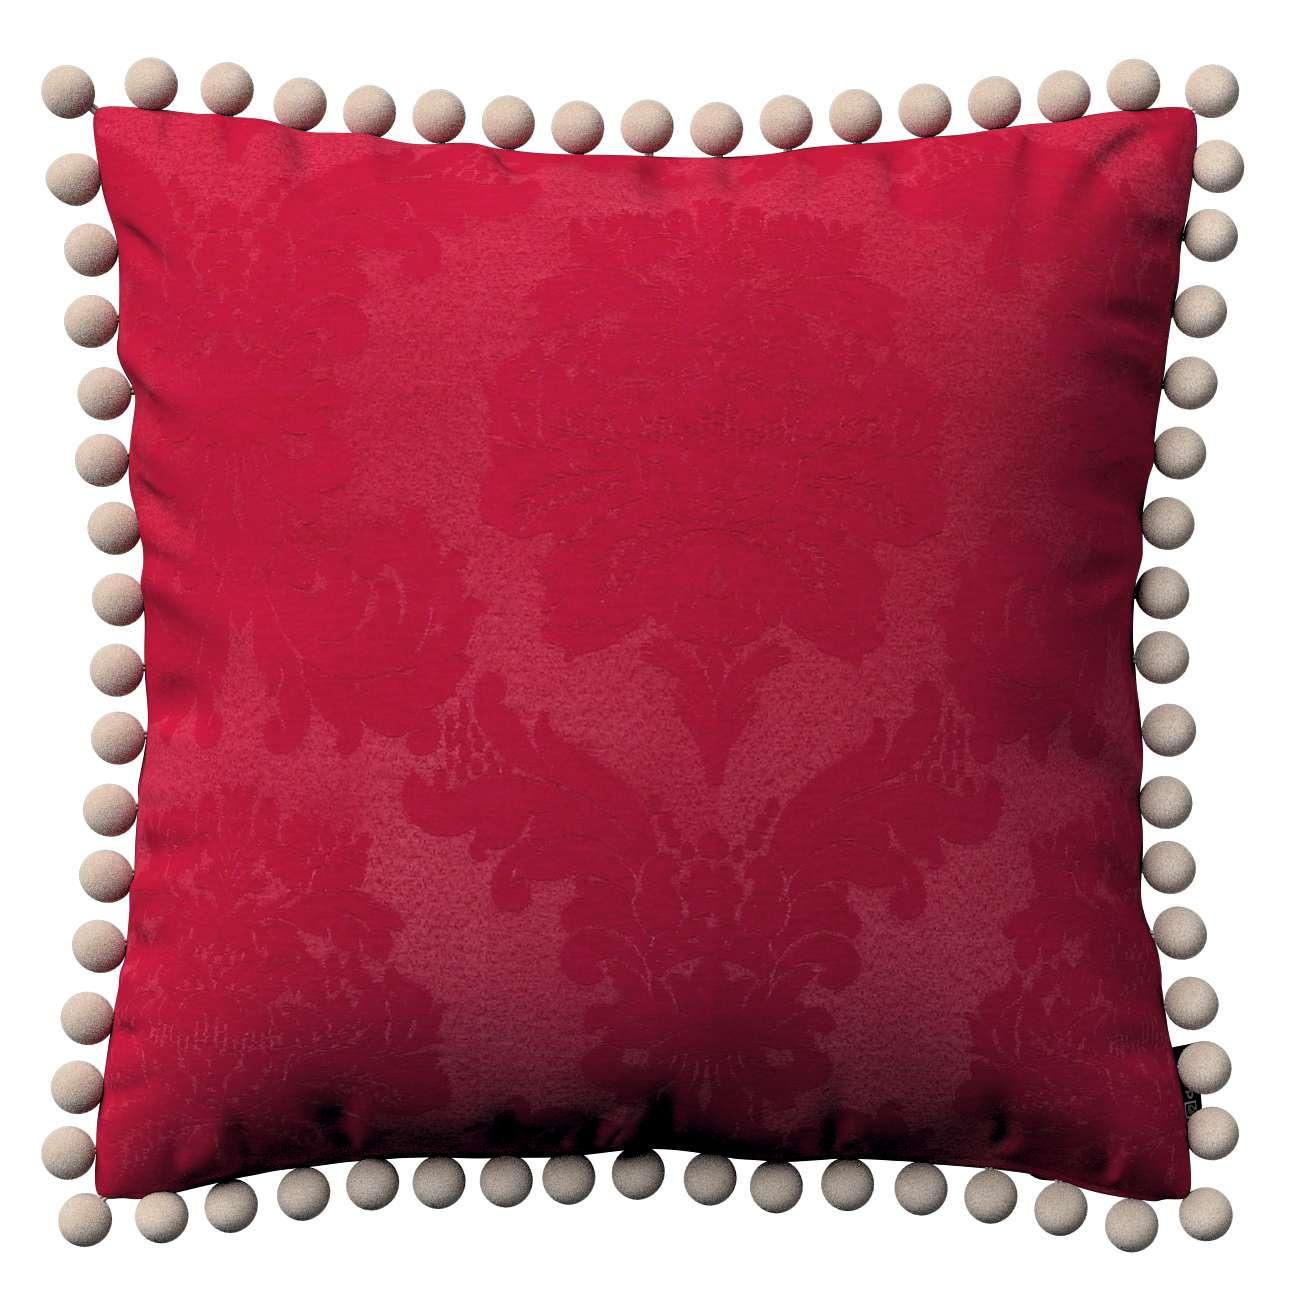 Wera dekoratyvinės pagalvėlės su žaismingais kraštais 45 x 45 cm kolekcijoje Damasco, audinys: 613-13